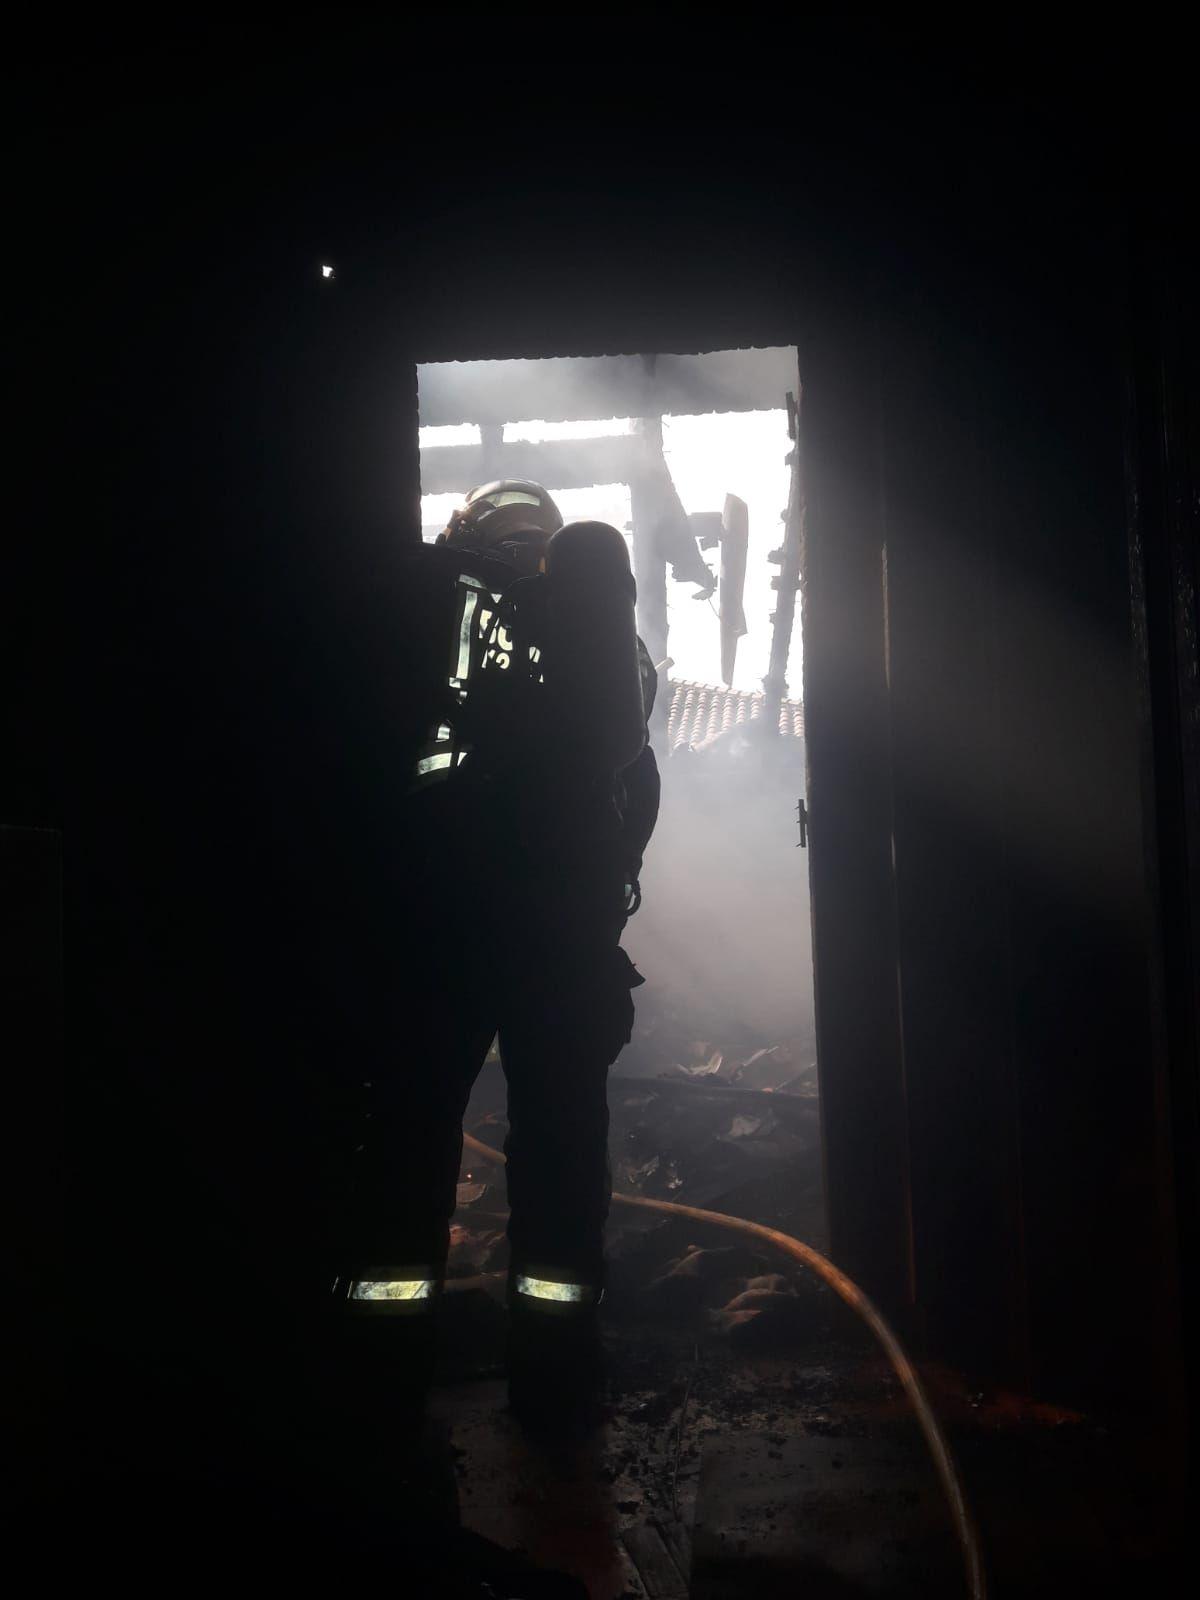 bombero en el interior de la vivienda quemada